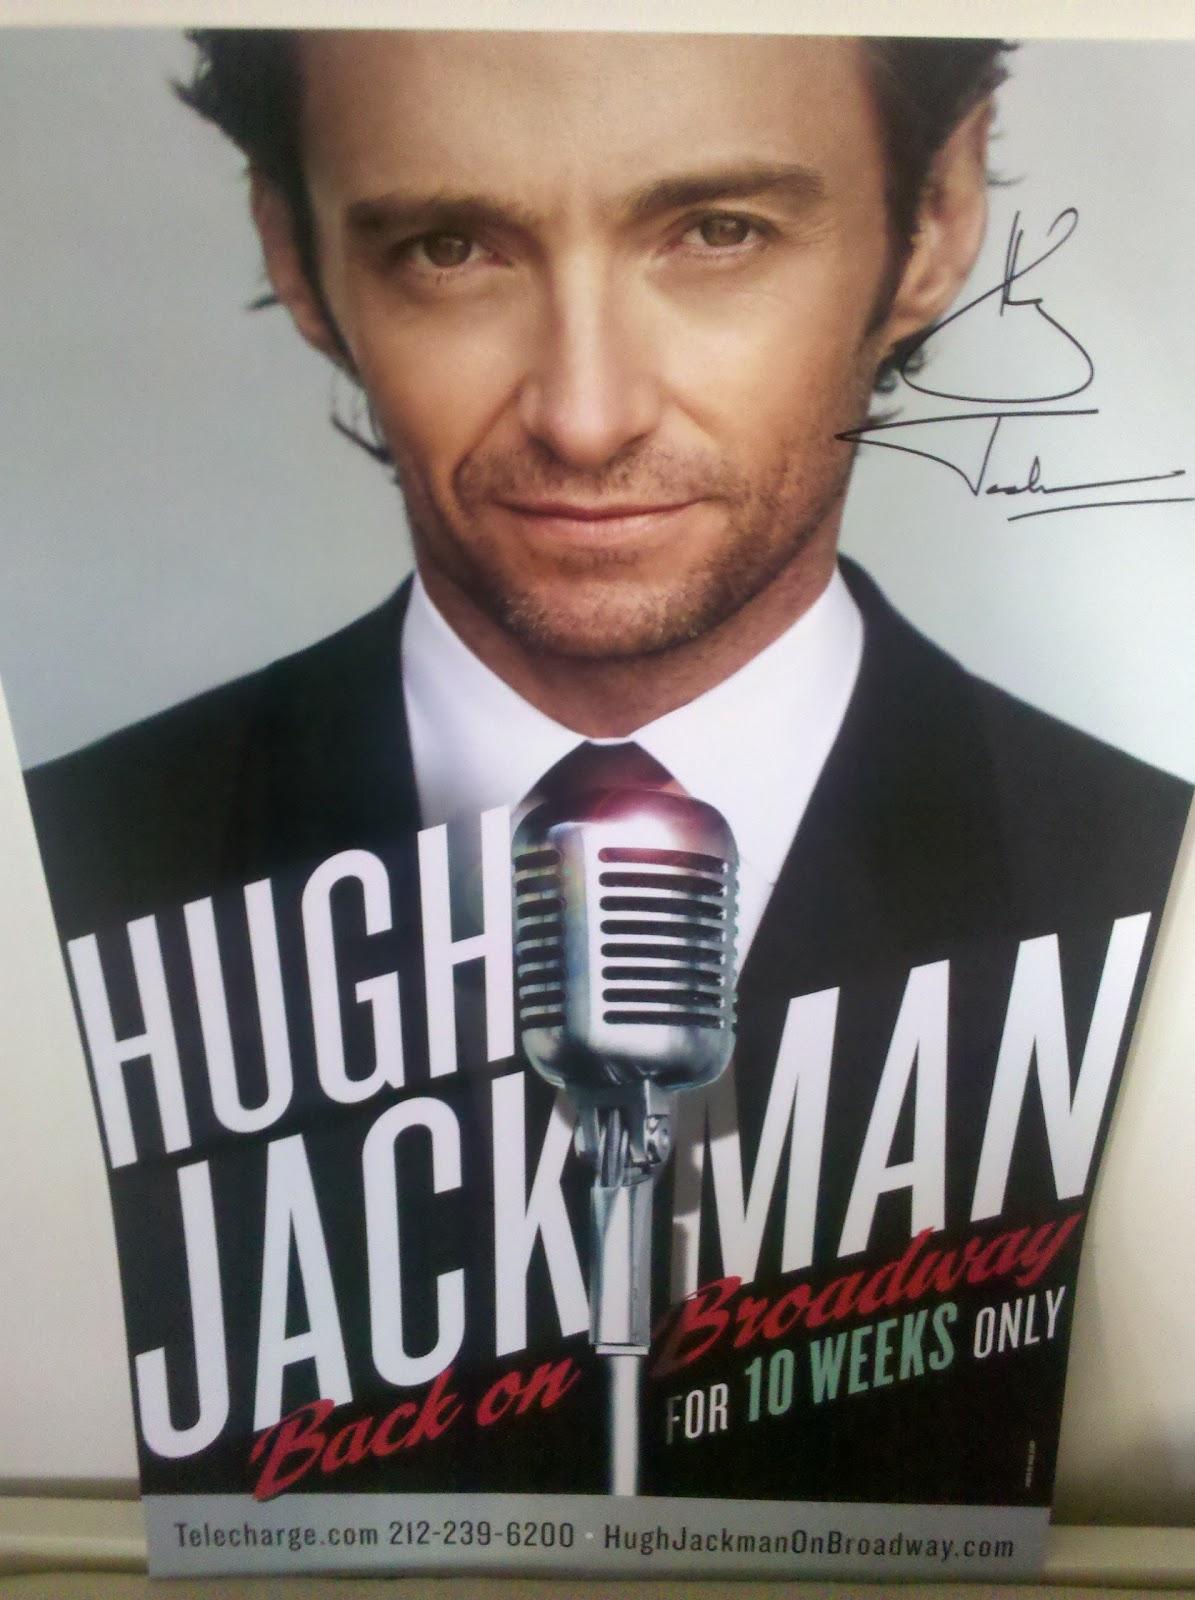 http://3.bp.blogspot.com/-oU5NCoSn8SU/TuIgzi3733I/AAAAAAAAAjI/MkZ73aBWj_o/s1600/hugh+jackman.jpg